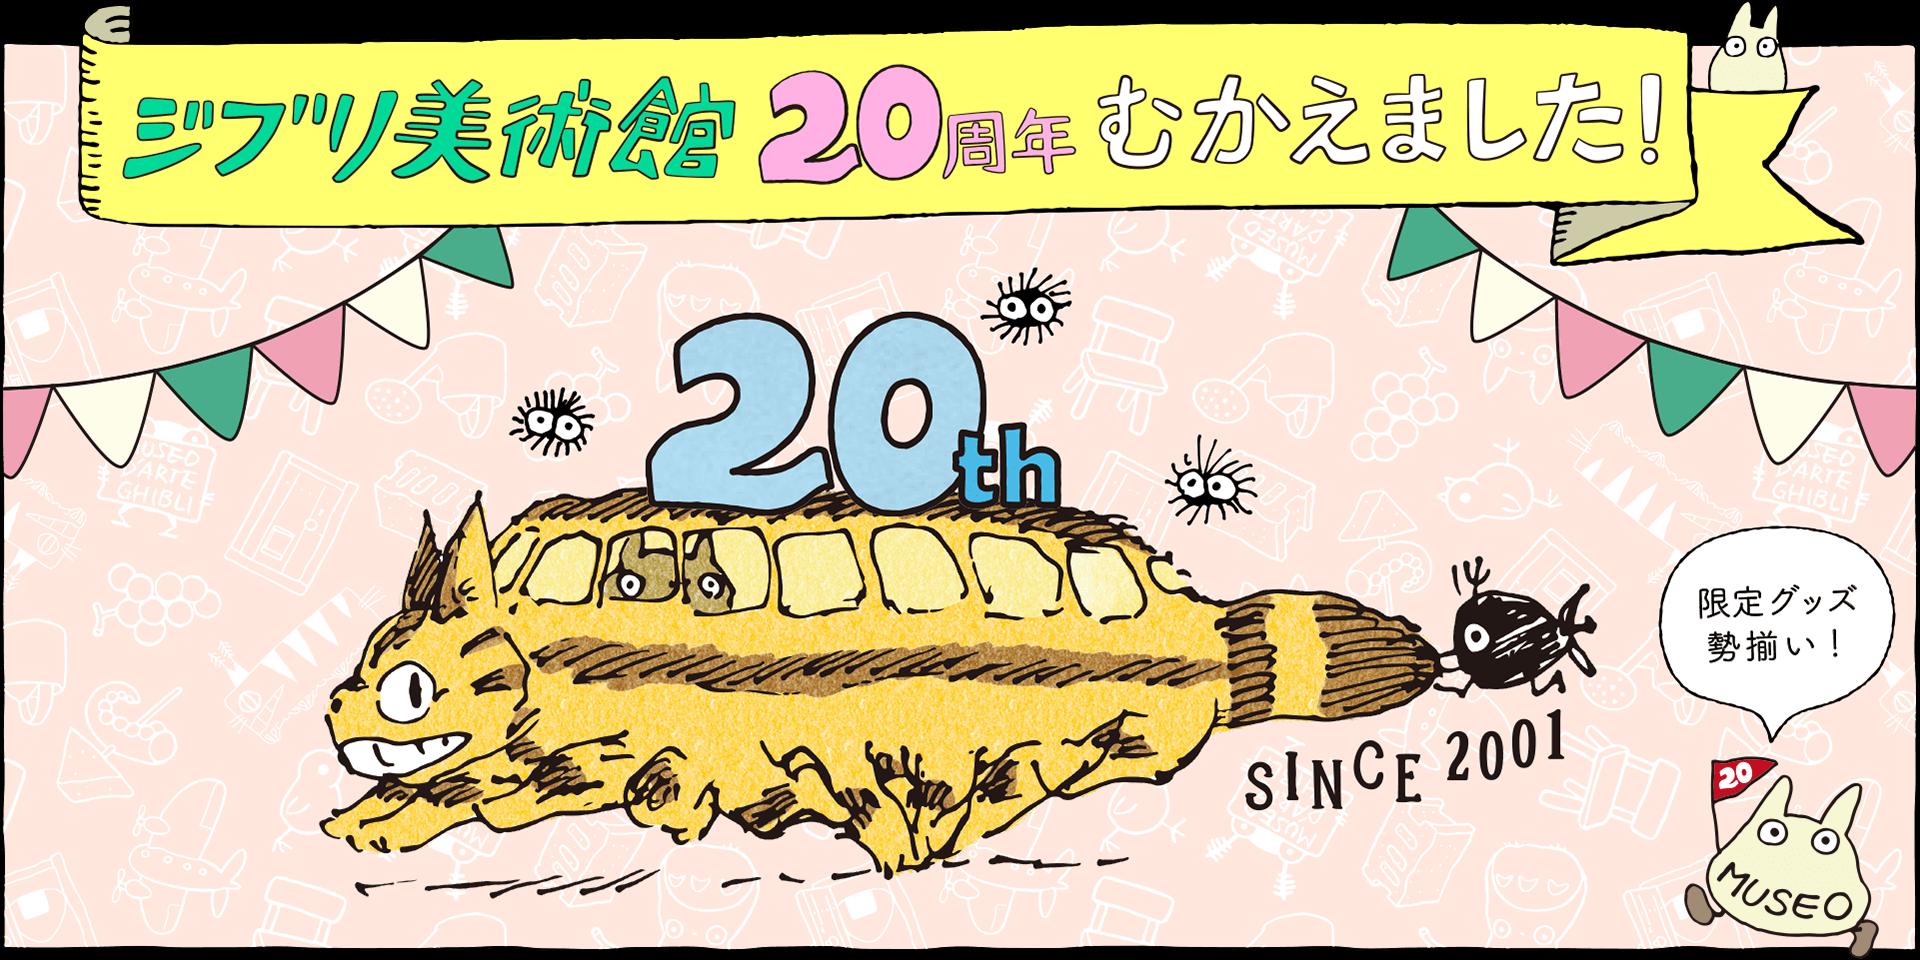 """「三鷹の森ジブリ美術館」オンラインショップ""""マンマユート""""オープン!アパレルから雑貨まで"""